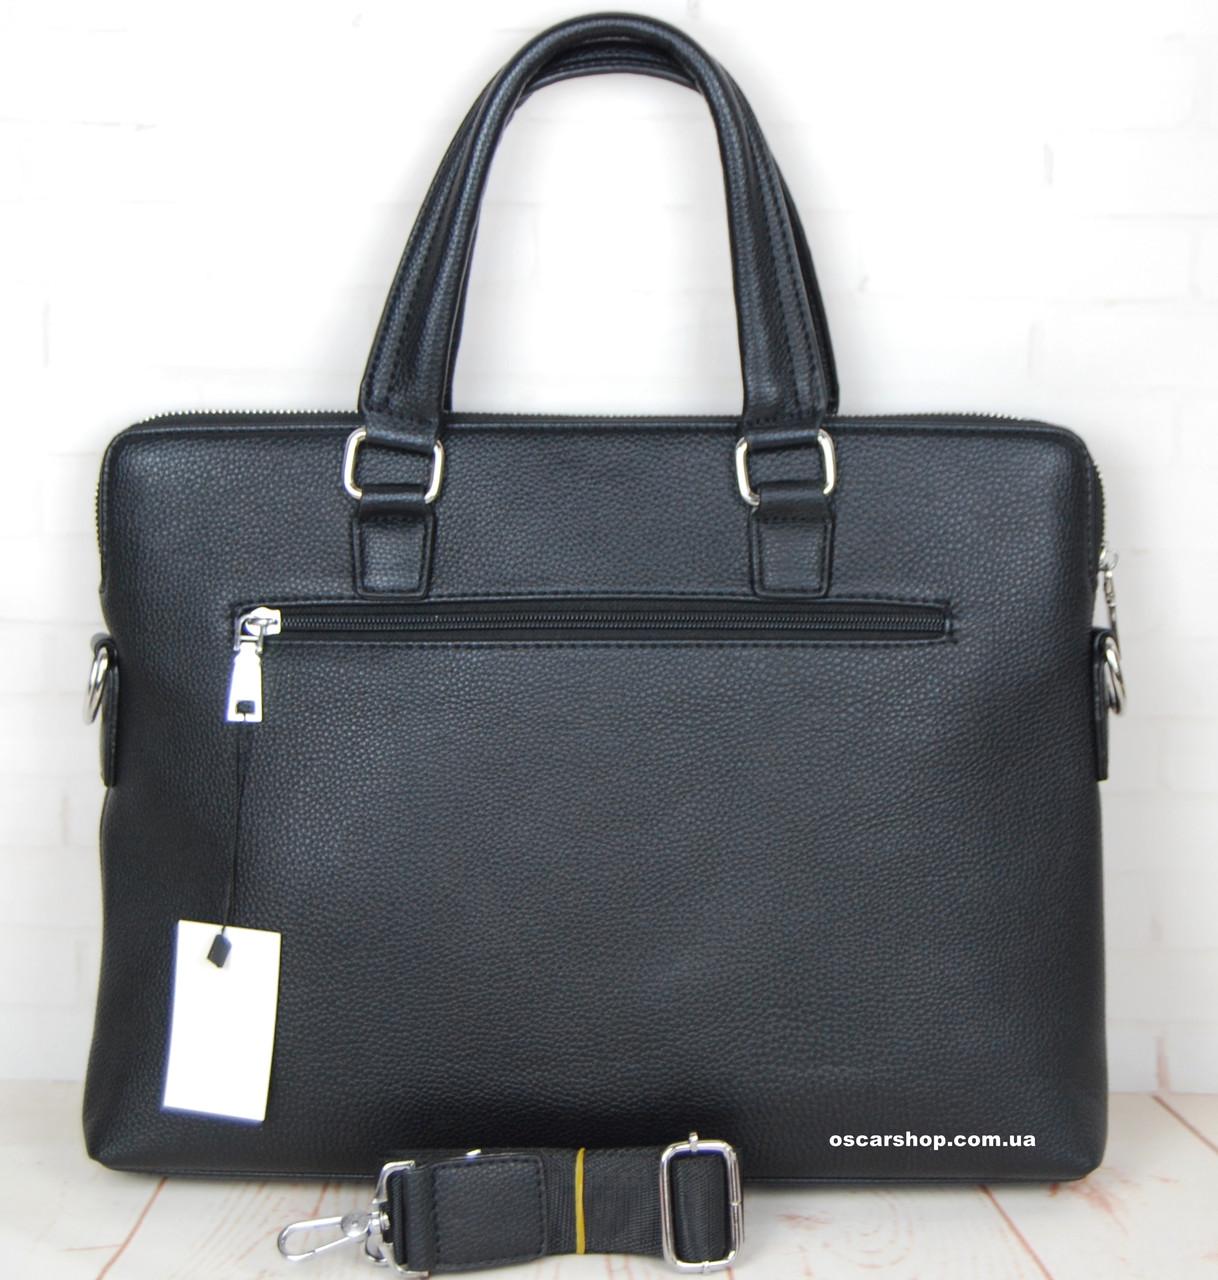 b43b73ebd649 Кожаная мужская сумка Боло. Деловой мужской портфель. Сумка для ноутбука.  СП08 - интернет